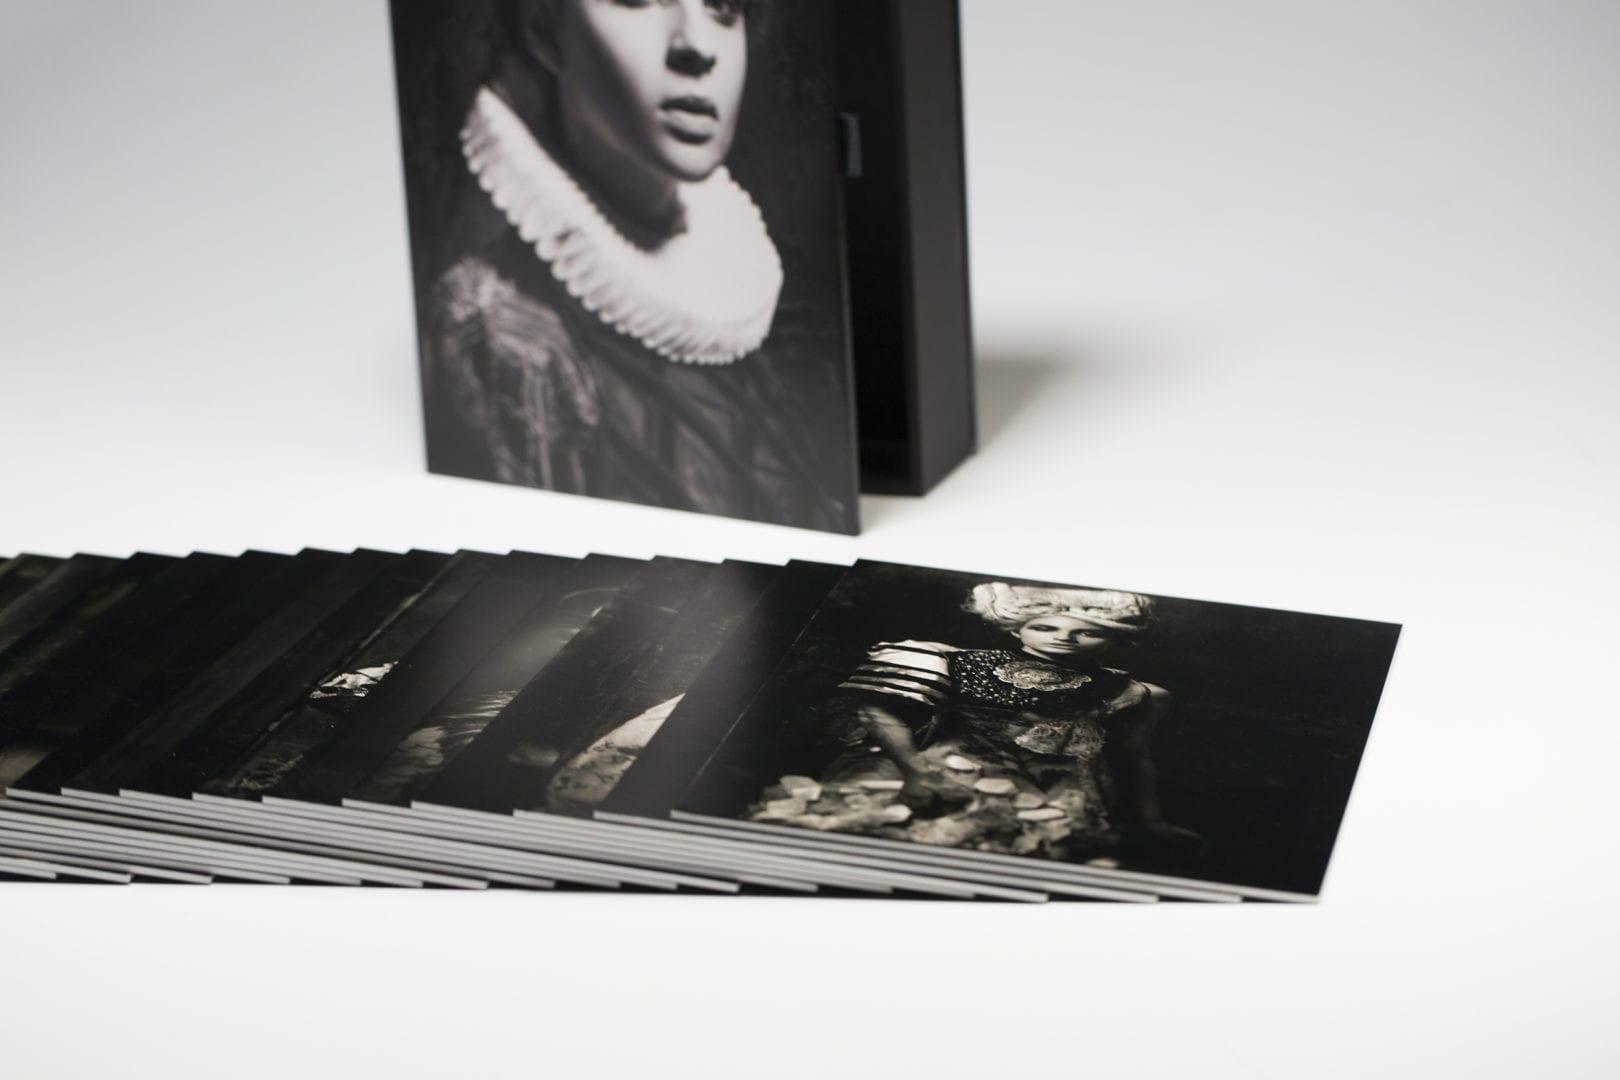 Joao Carlos, fineart, printing, joao carlos photography,